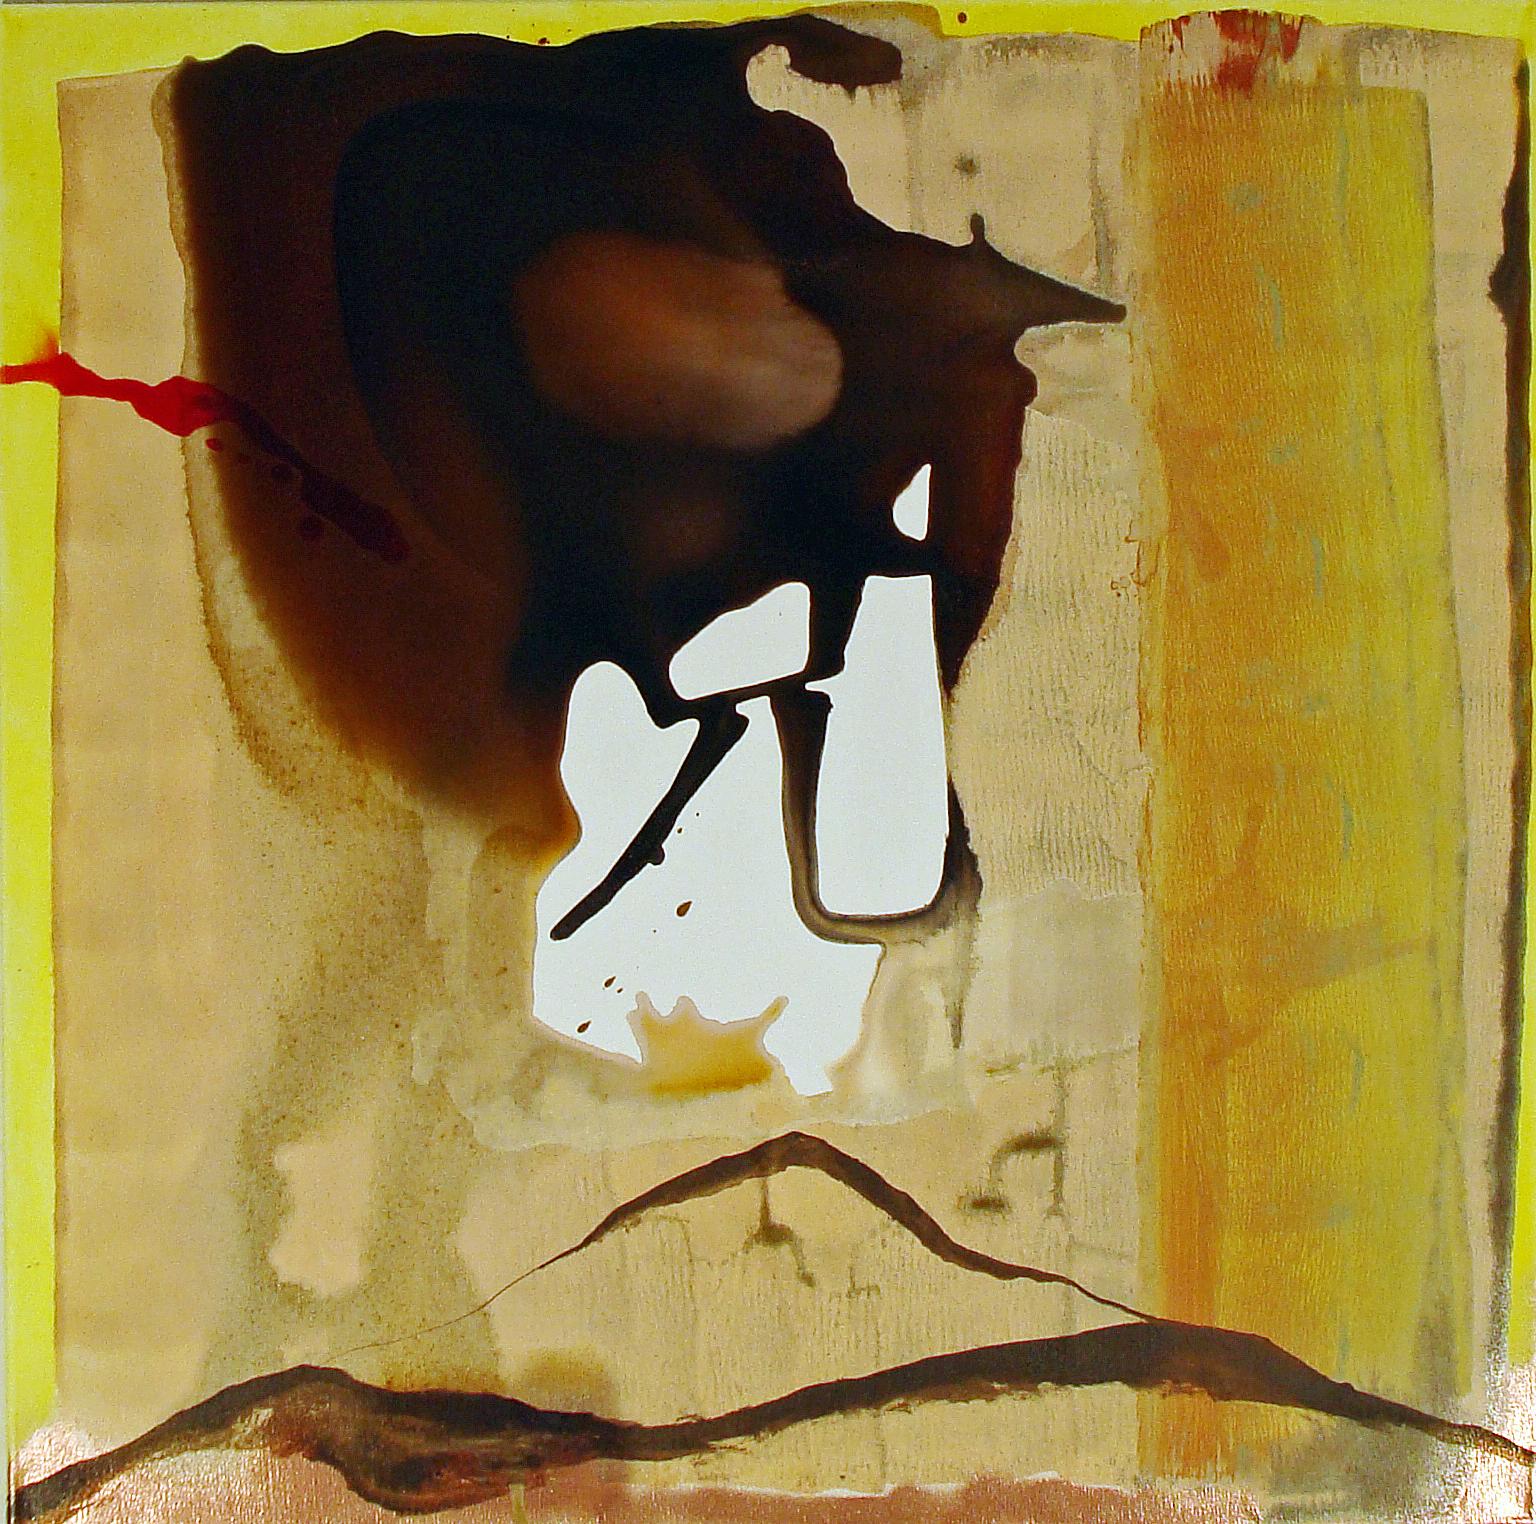 Sian Go / Des Kleinen Übergewicht (62), 2012, ink on canvas, 80 x 80 cm, € 387,10 (€ 490.-)